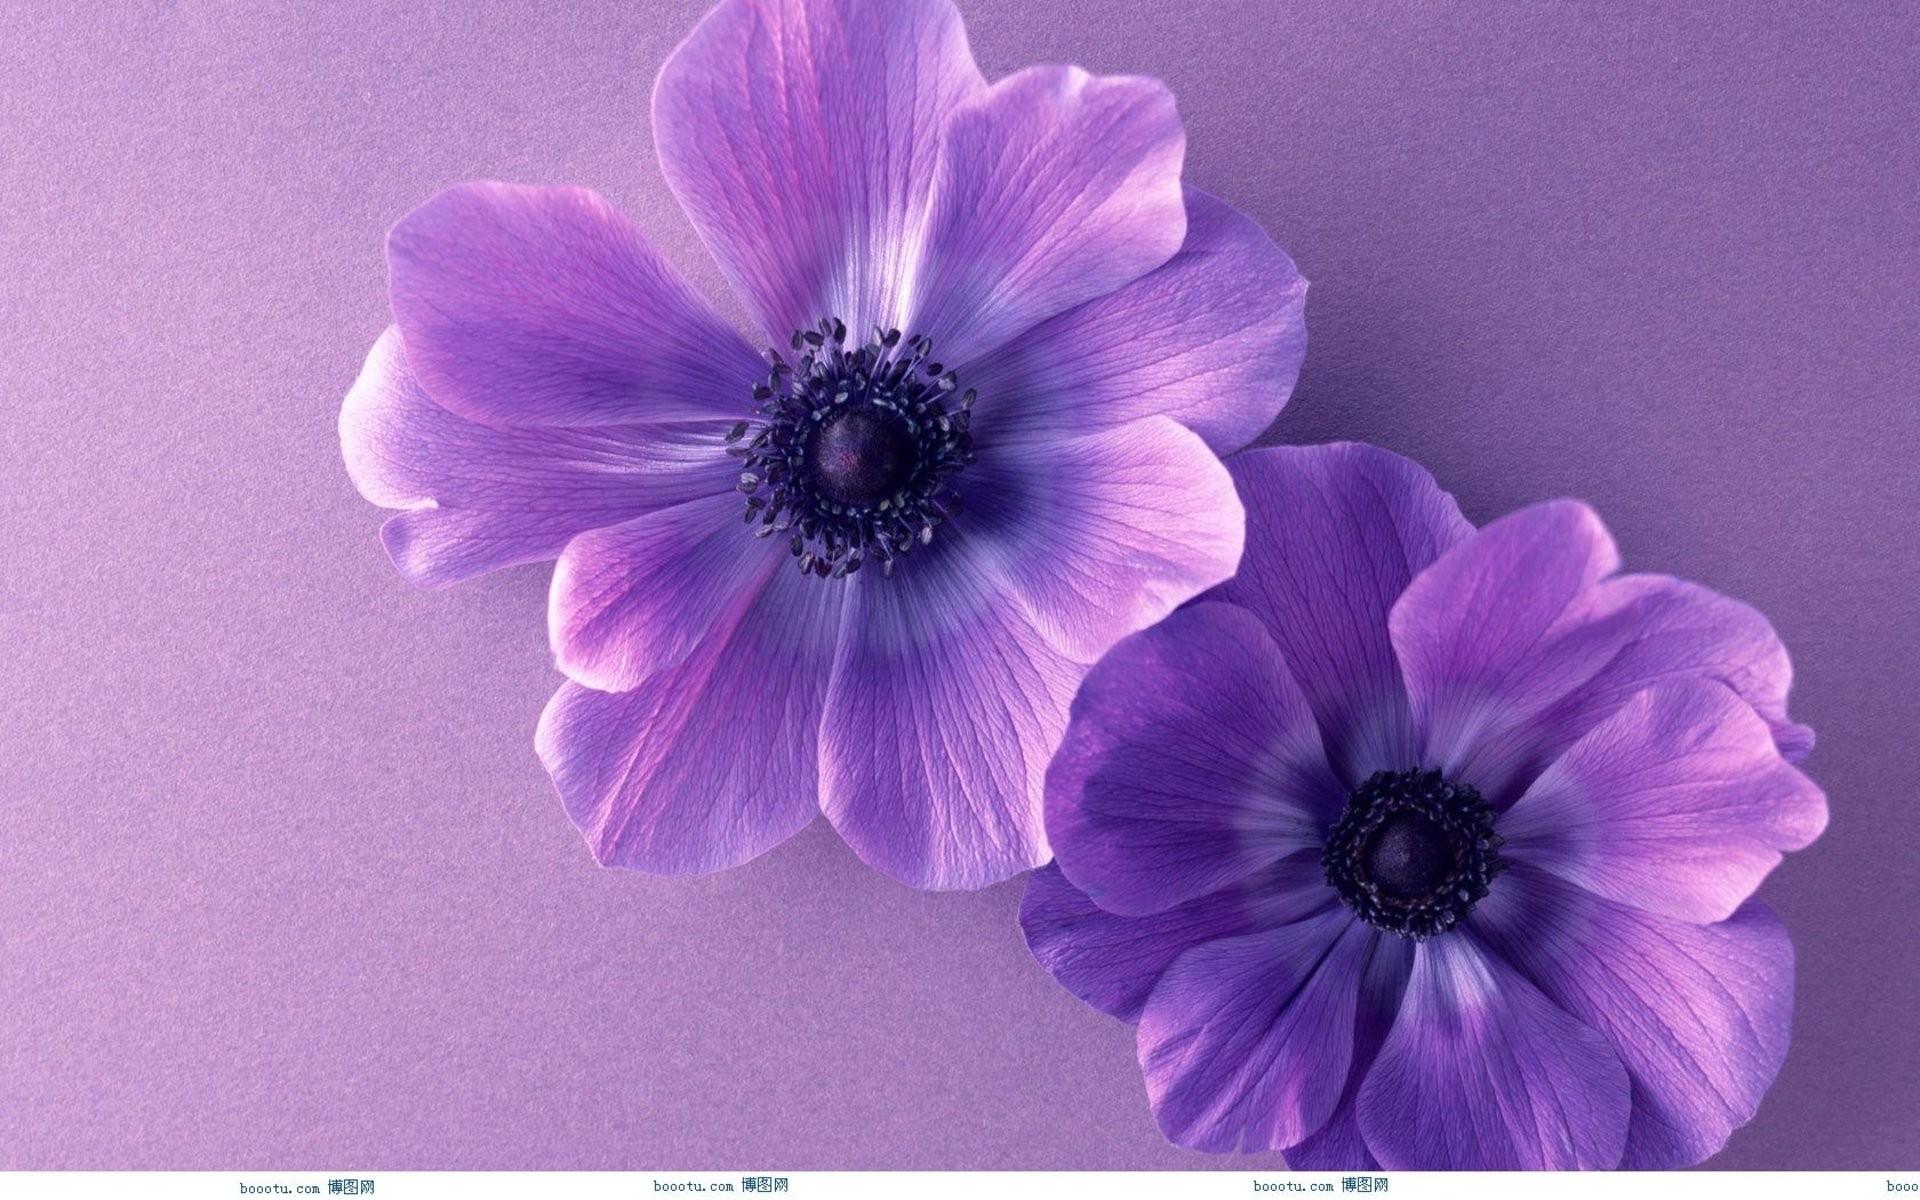 Cute Flower Wallpaper X   Data Src Free Download Cute - Background Flower Purple Hd - HD Wallpaper